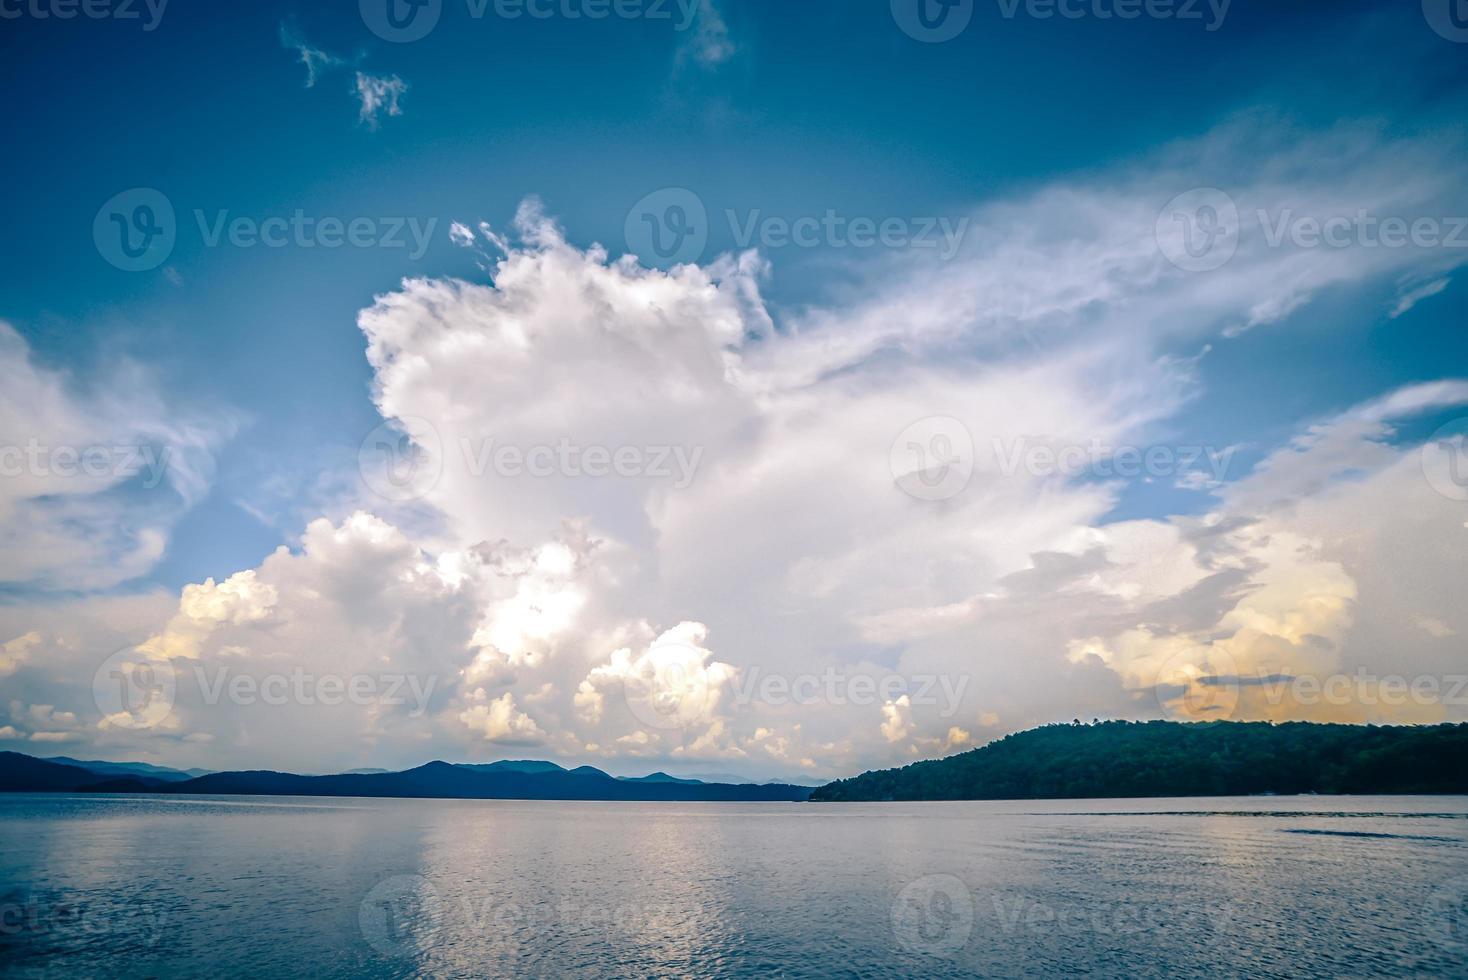 belas cenas de paisagens no lago jocassee carolina do sul foto